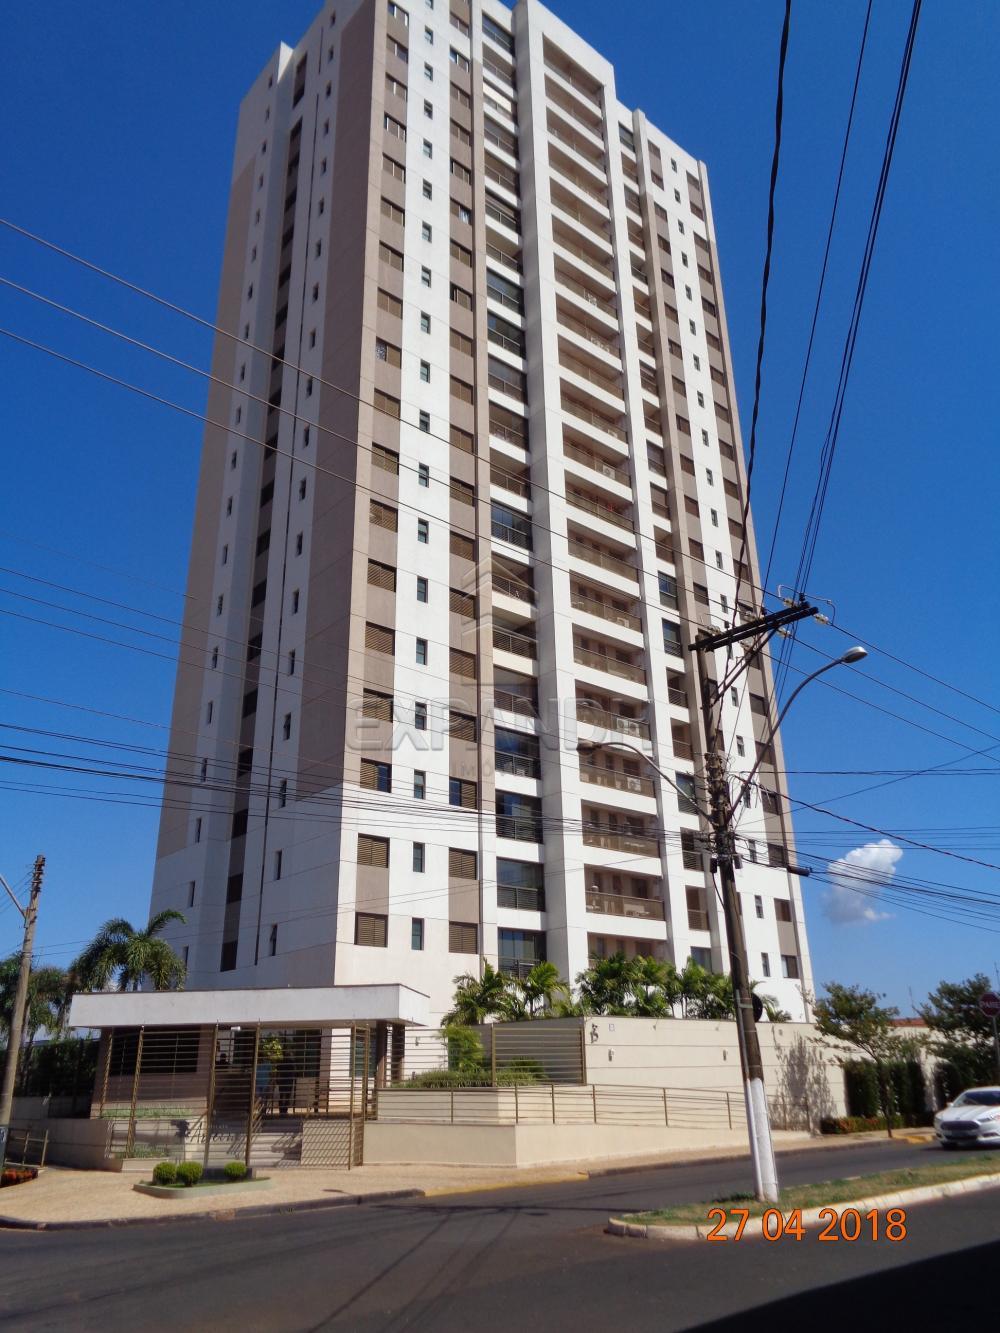 Alugar Apartamentos / Padrão em Sertãozinho apenas R$ 1.650,00 - Foto 1